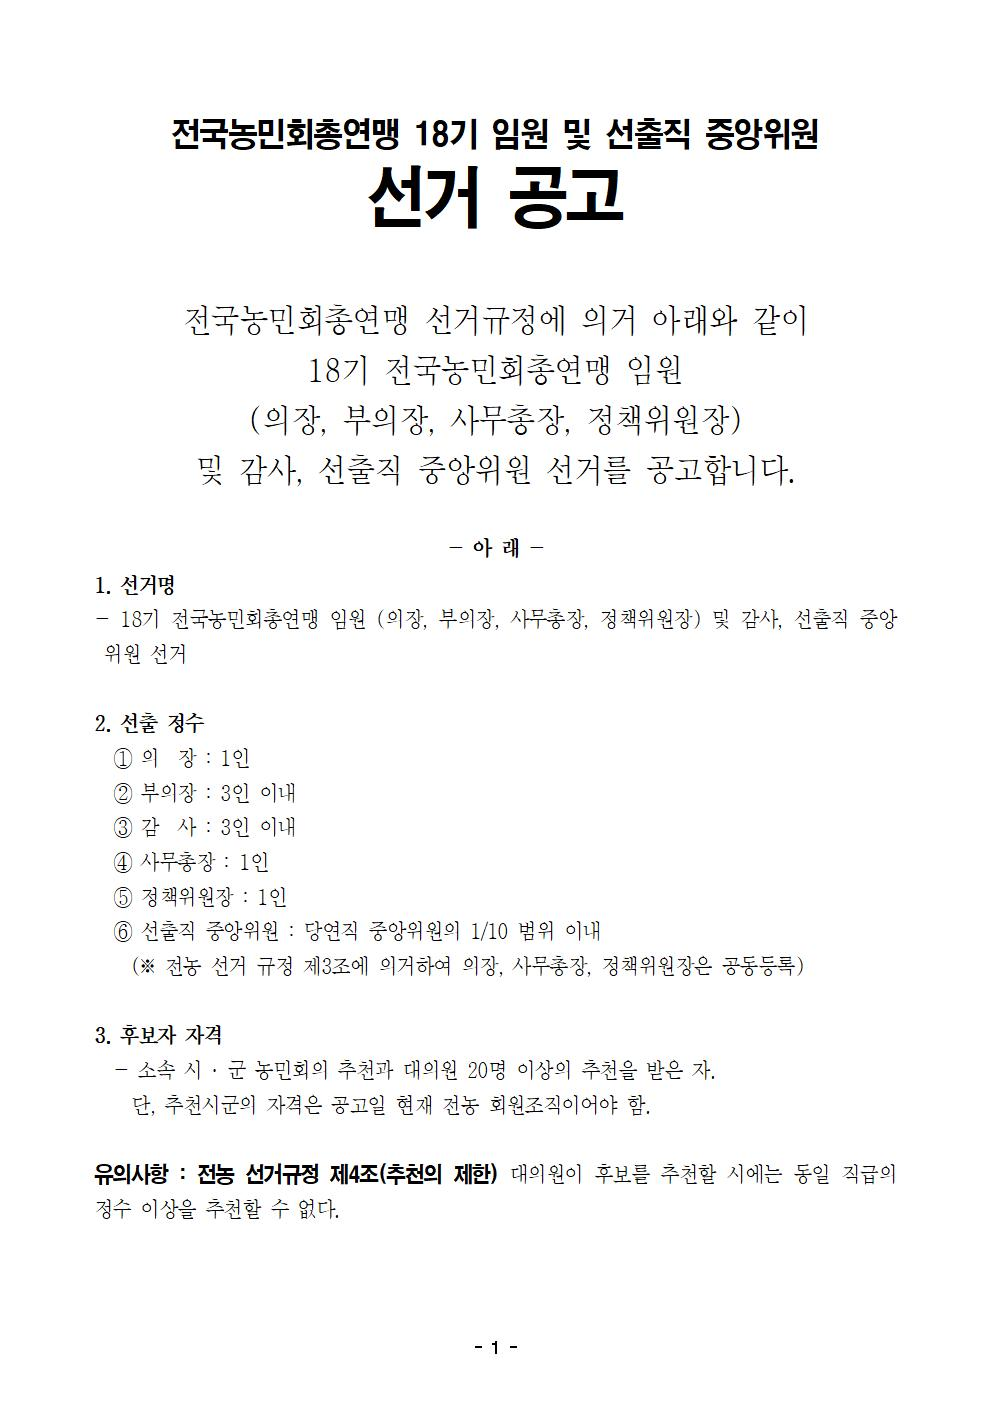 200110_전농_18기_선거공고001.jpg